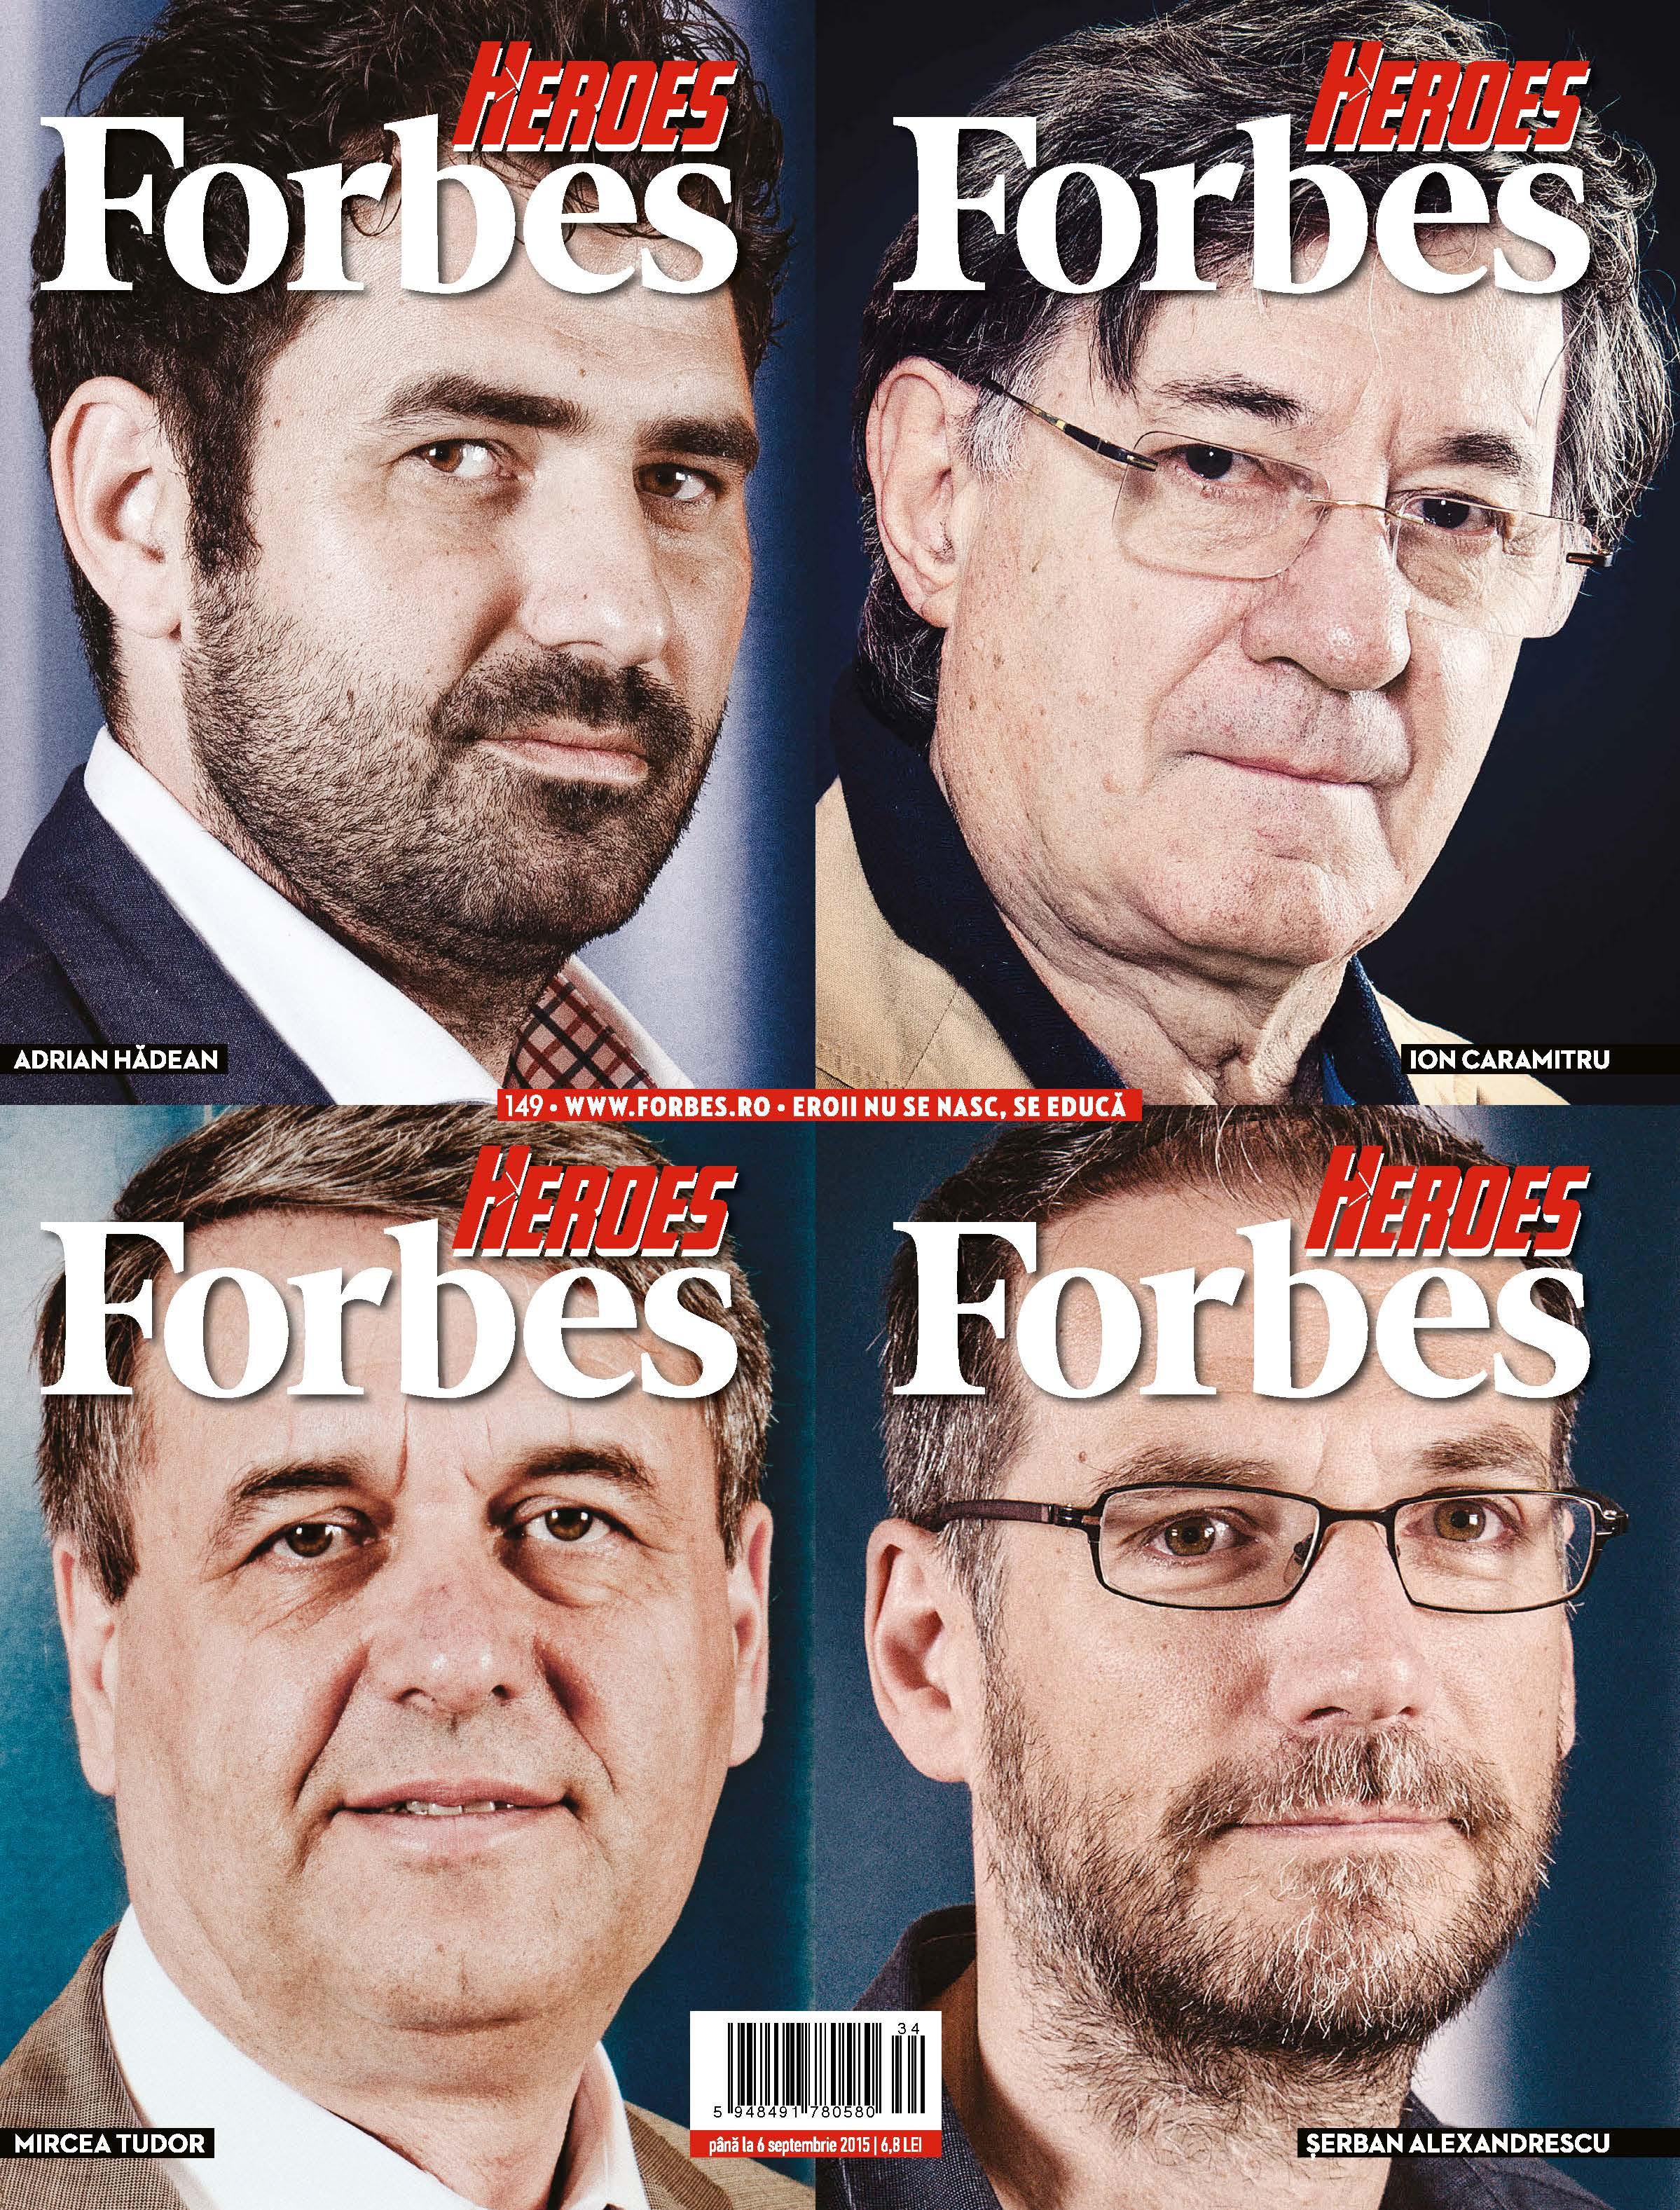 Nr. 149 - Forbes Heroes